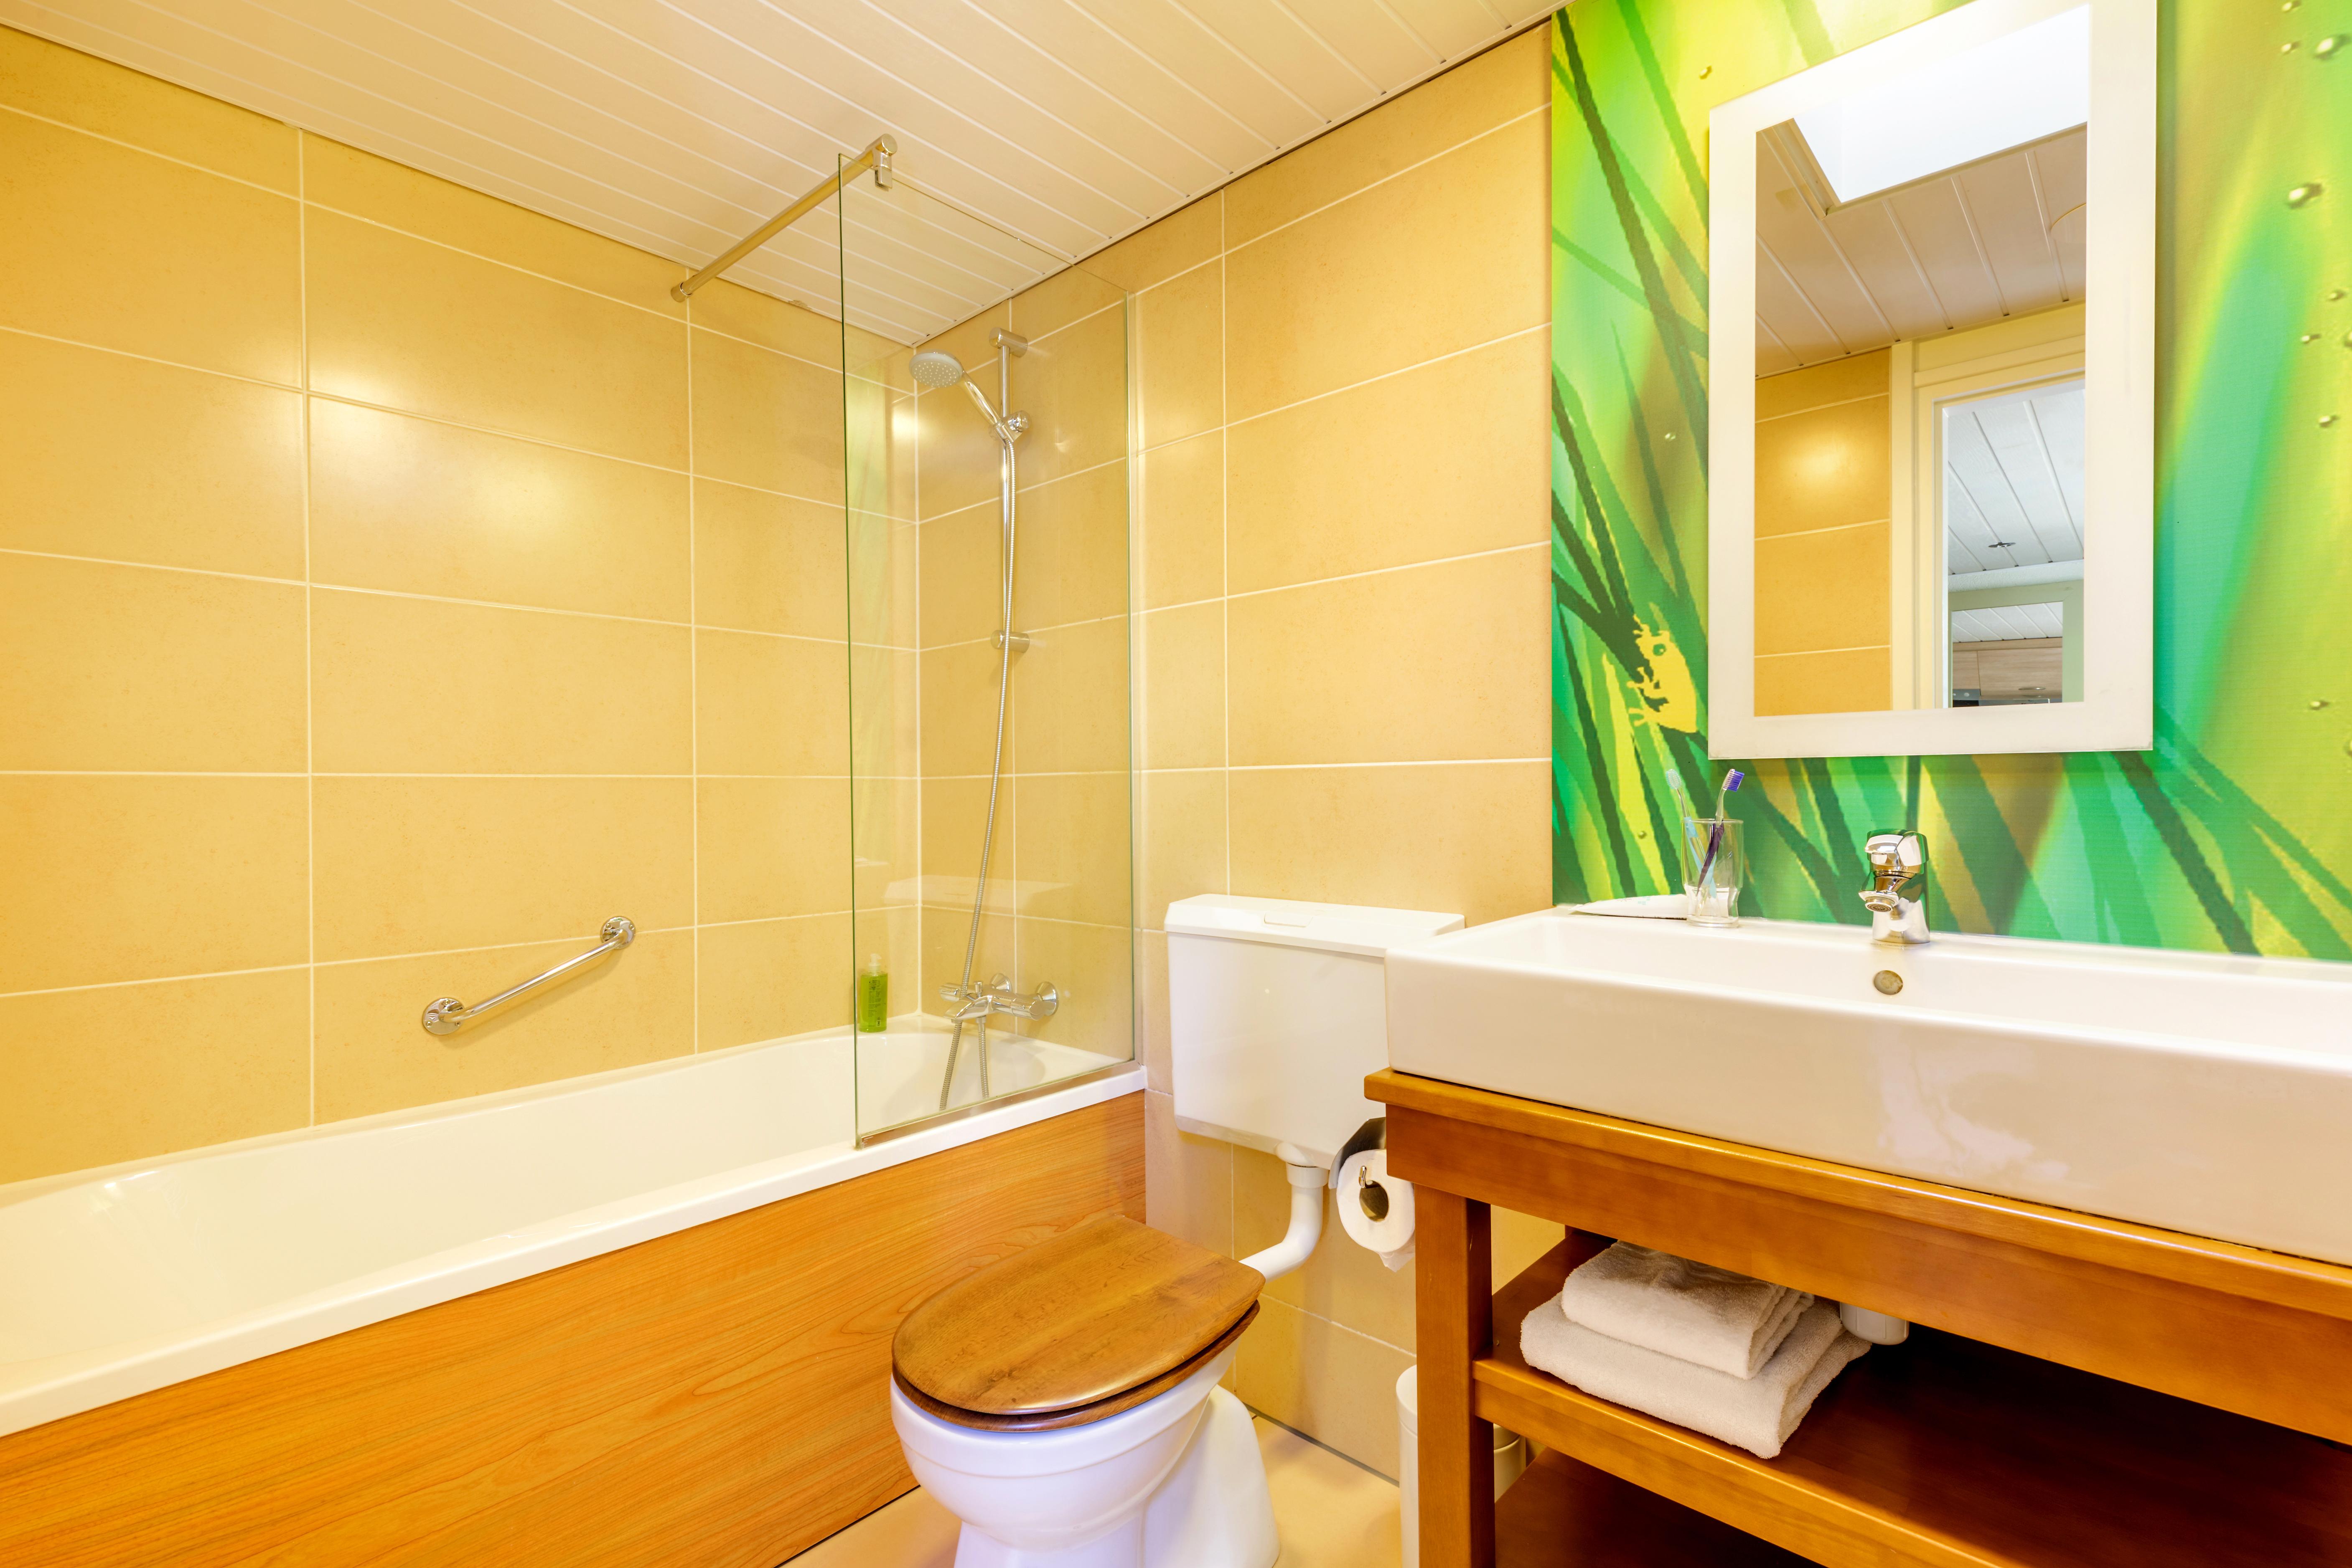 Ferienhaus Center Parcs  De Huttenheugte - cottage 4 persons Premium (2639176), Dalen (NL), , Drenthe, Niederlande, Bild 4